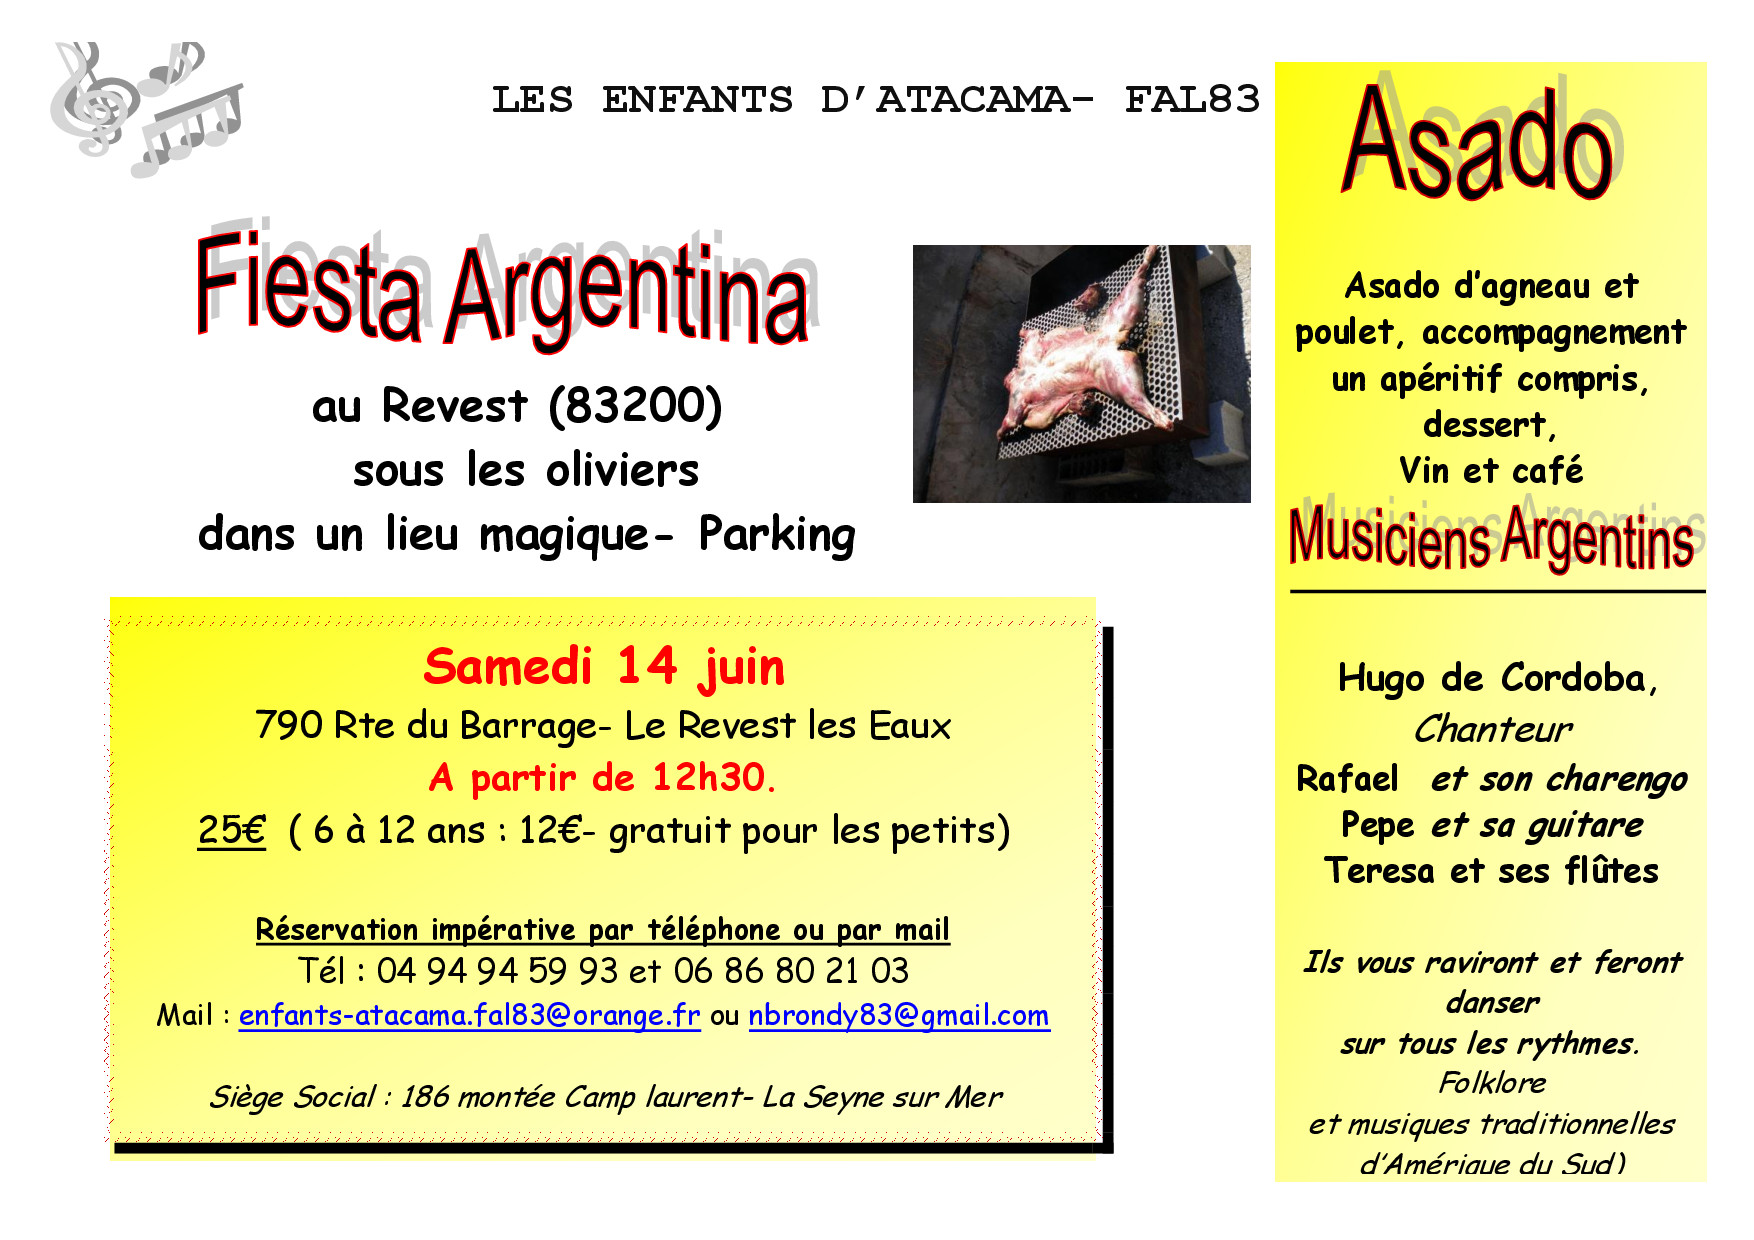 """FAL 83 et l'association """"Les enfants d'Atacama"""" vous invite à un Asado argentin !"""